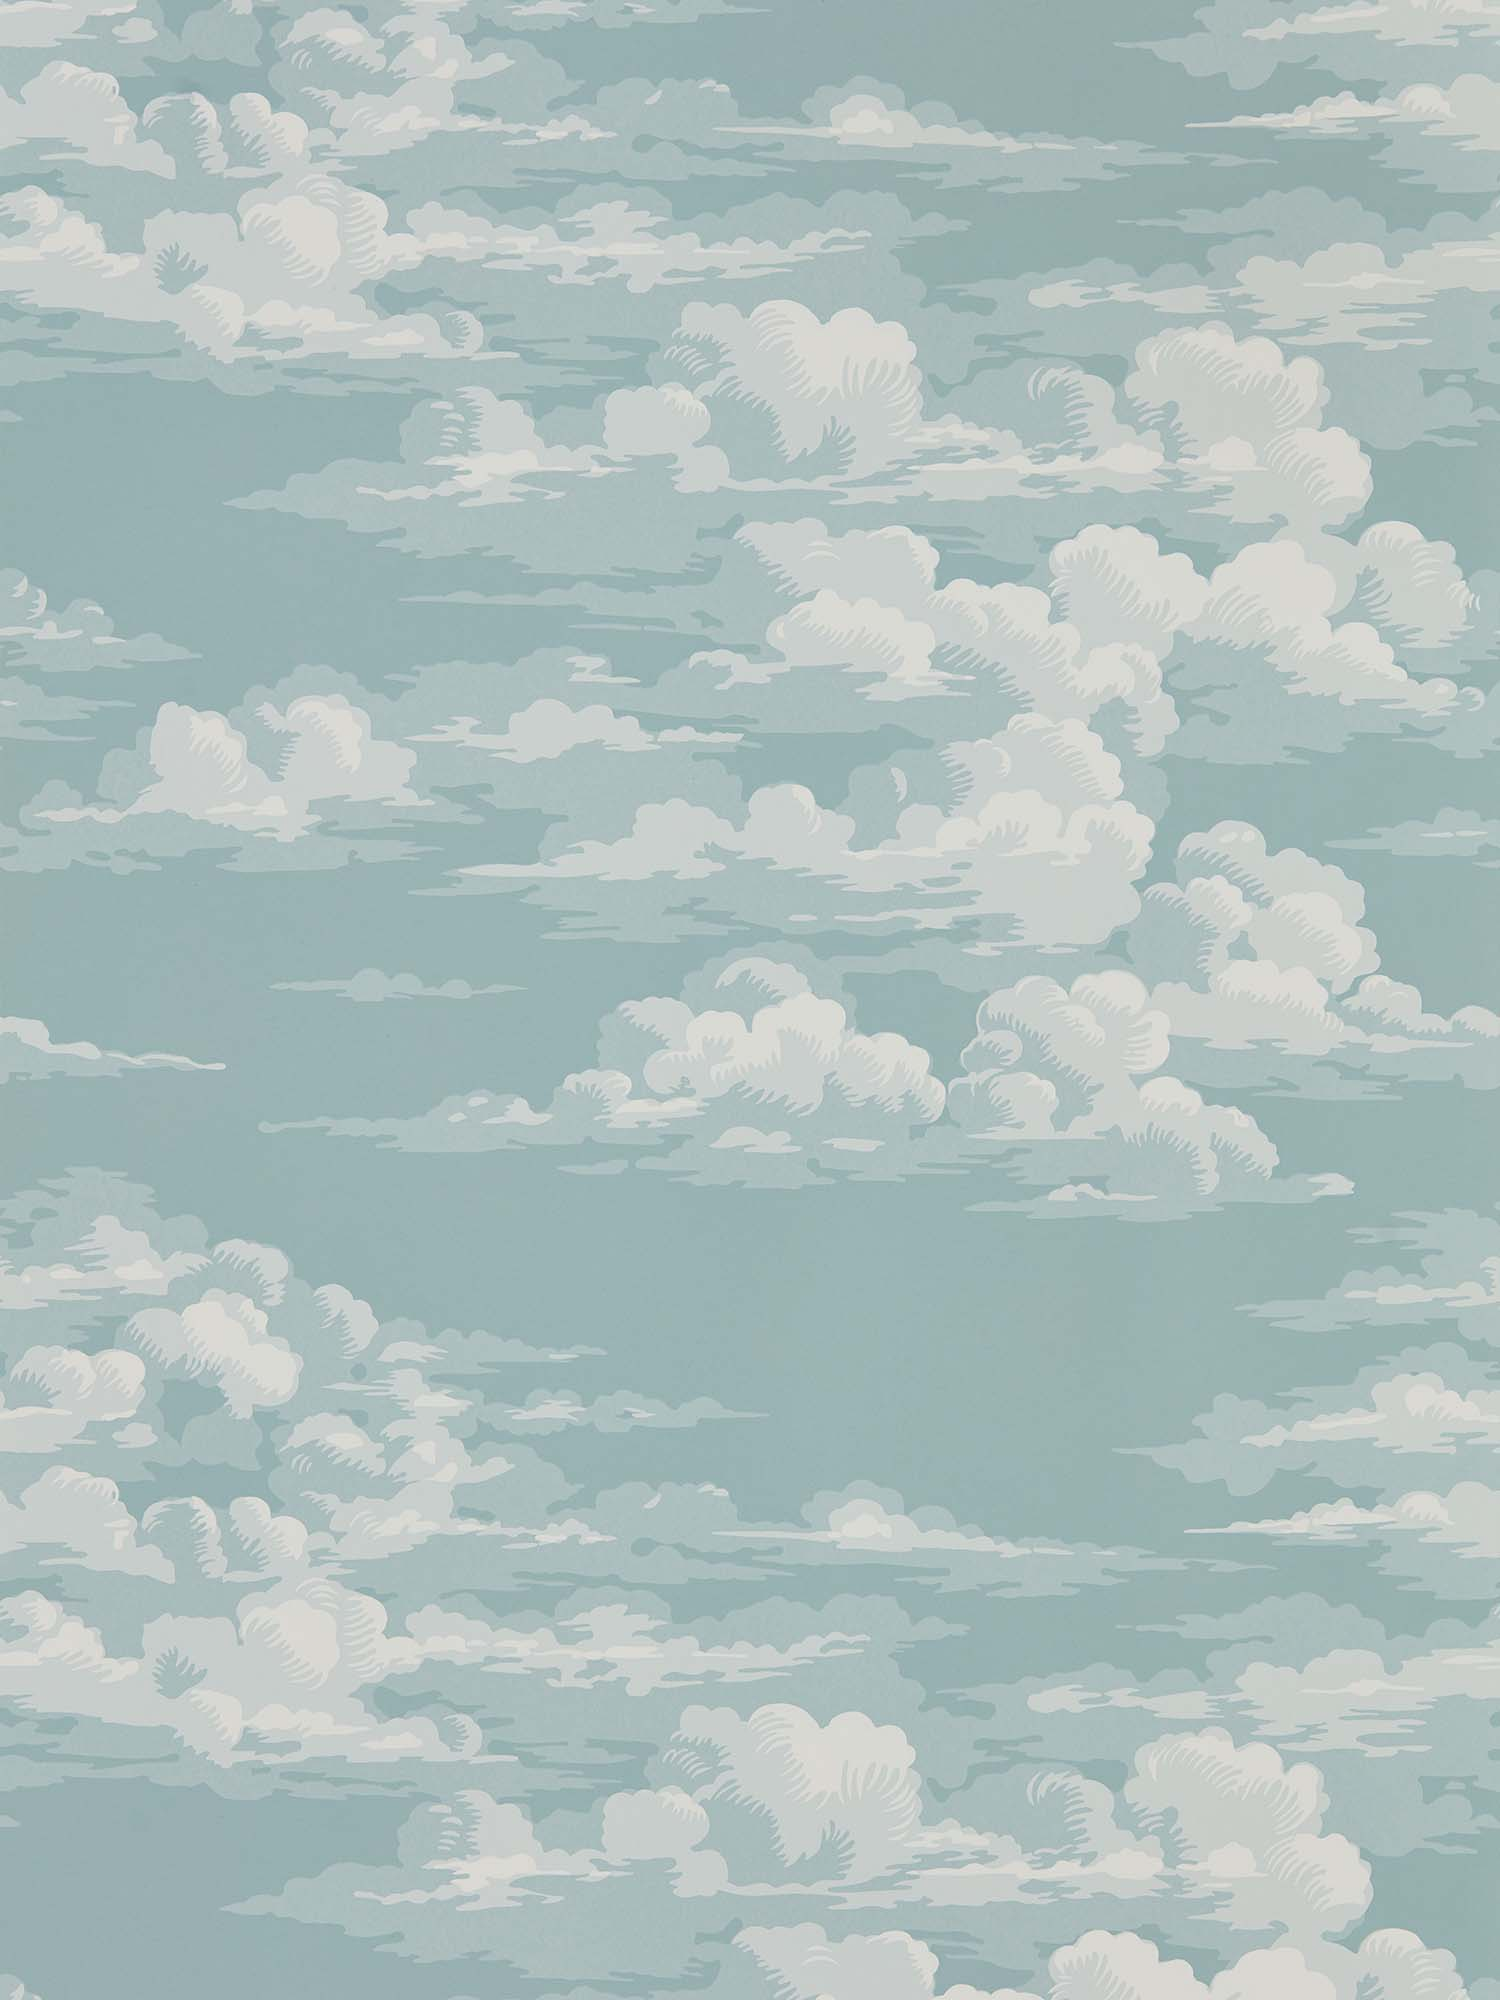 壁紙 Sanderson Silvi Clouds   216599